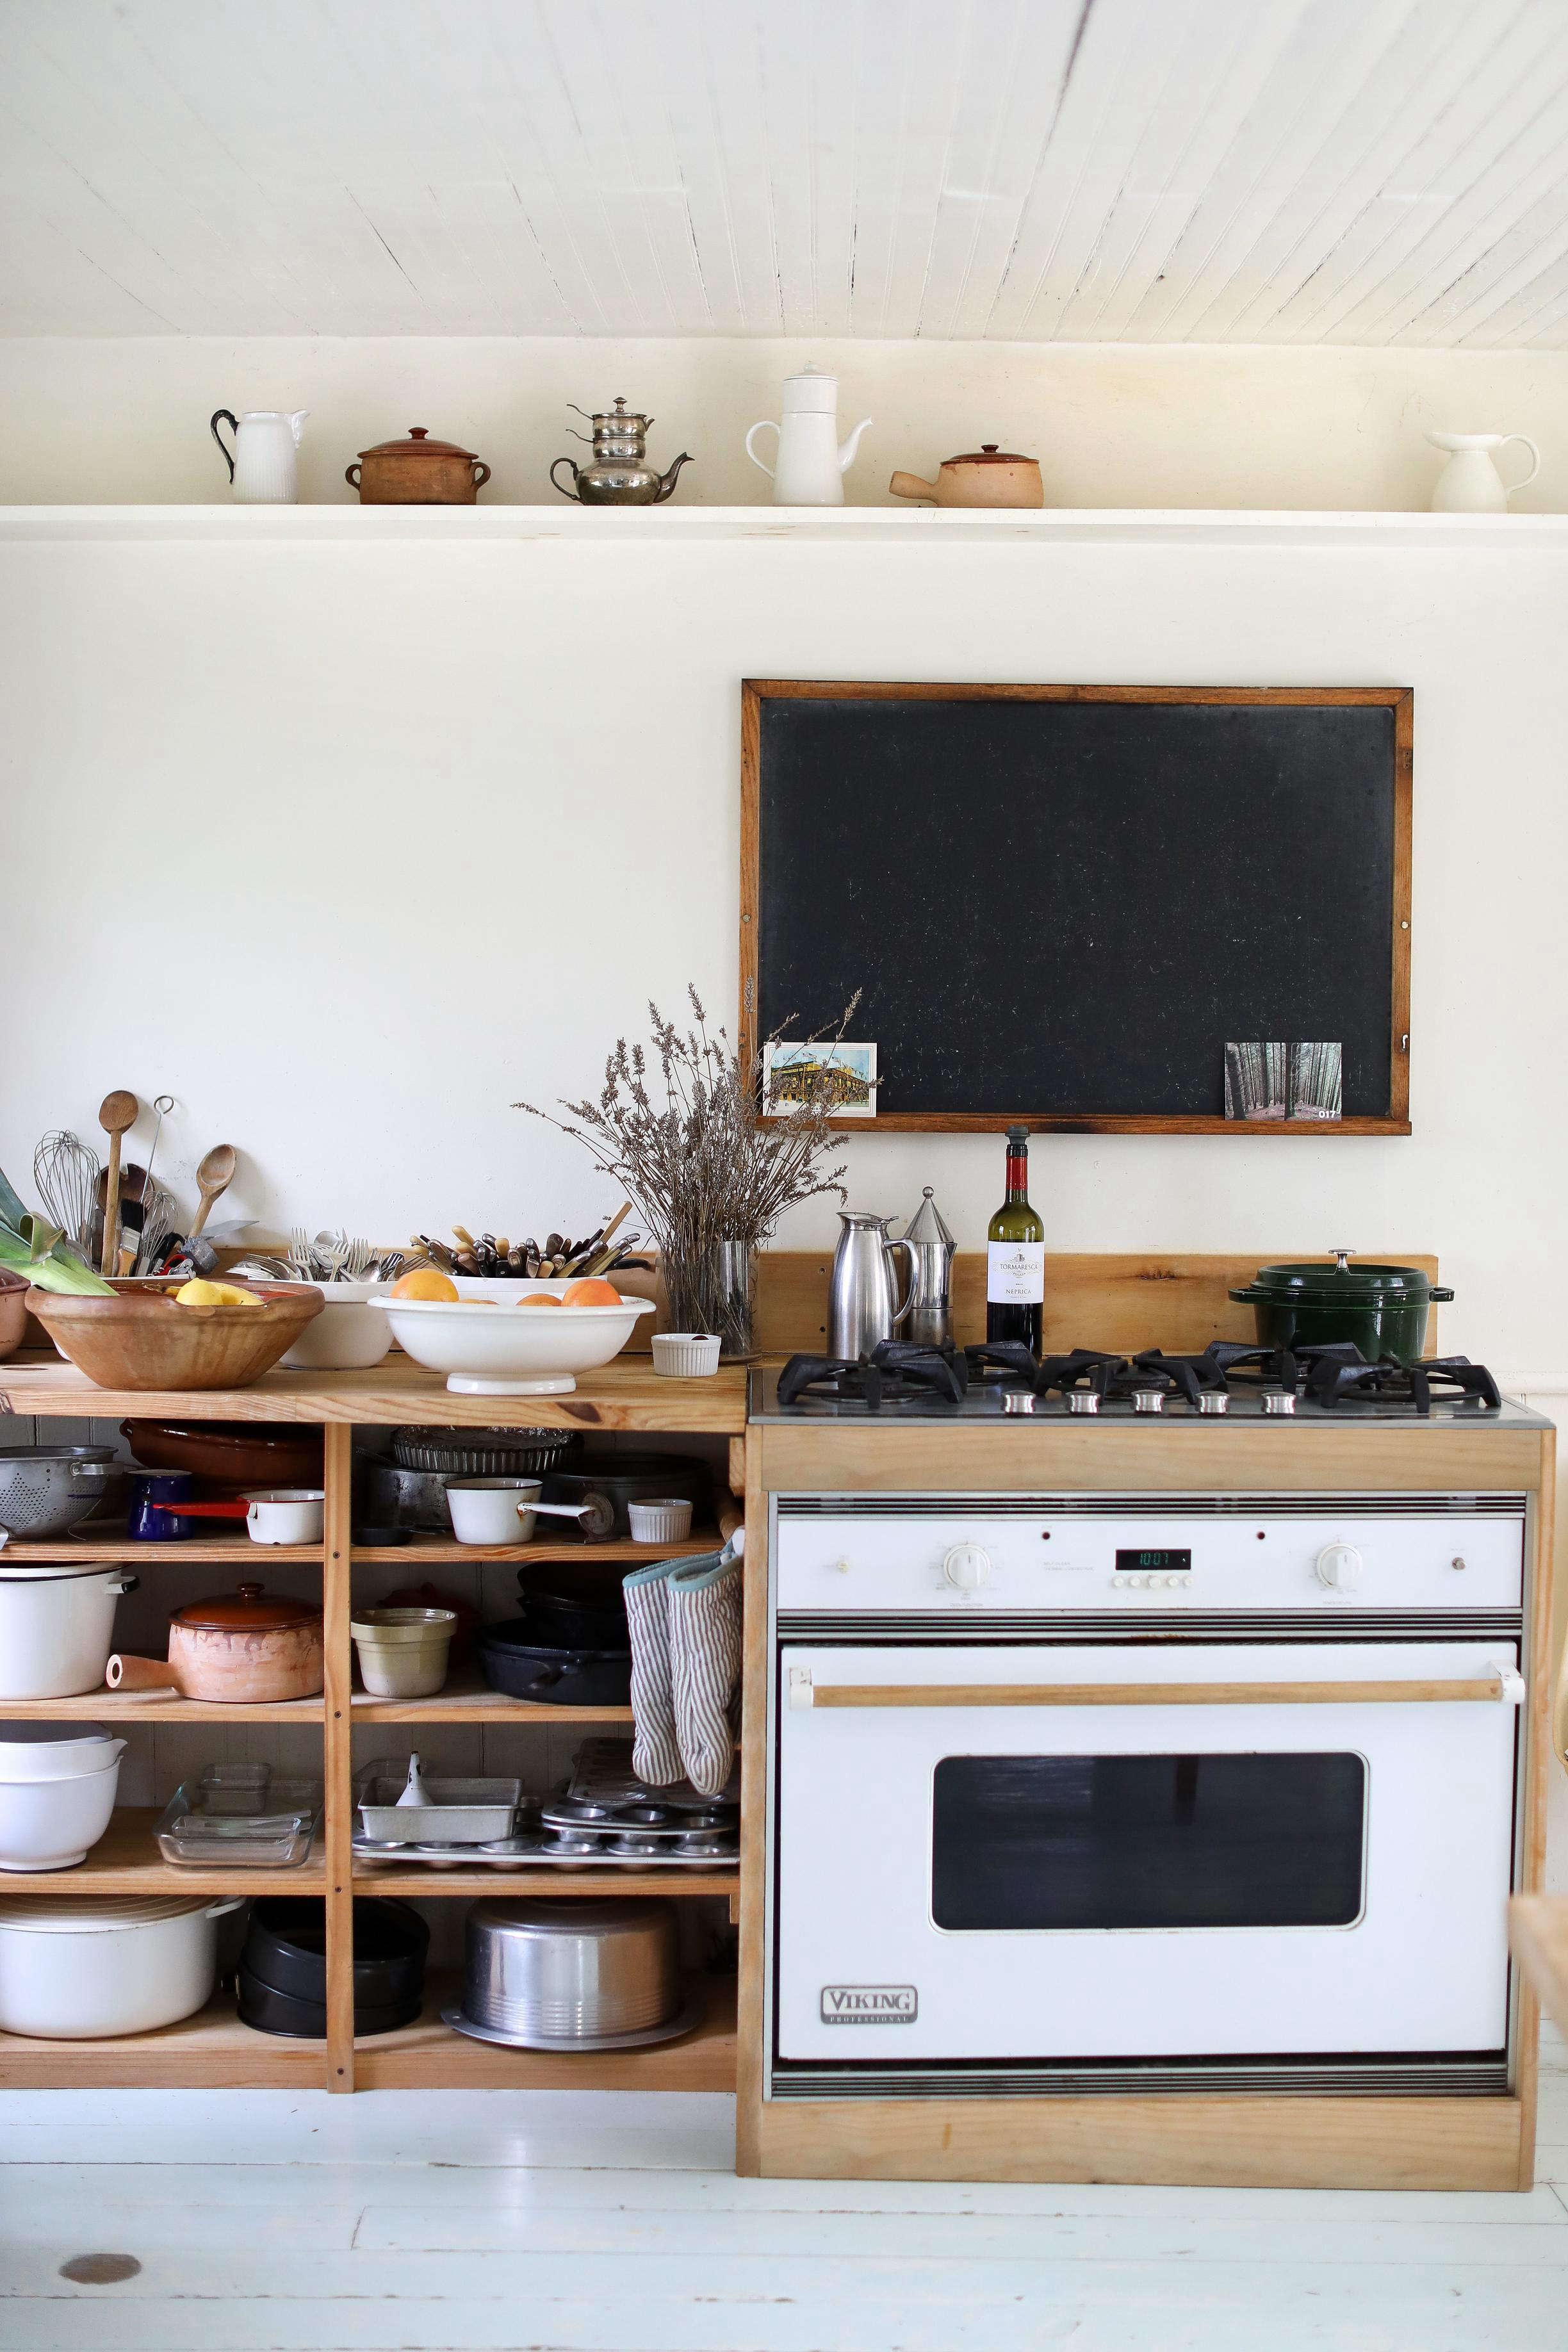 Deborah Ehrlich Kitchen Range (Edited) by Justine Hand